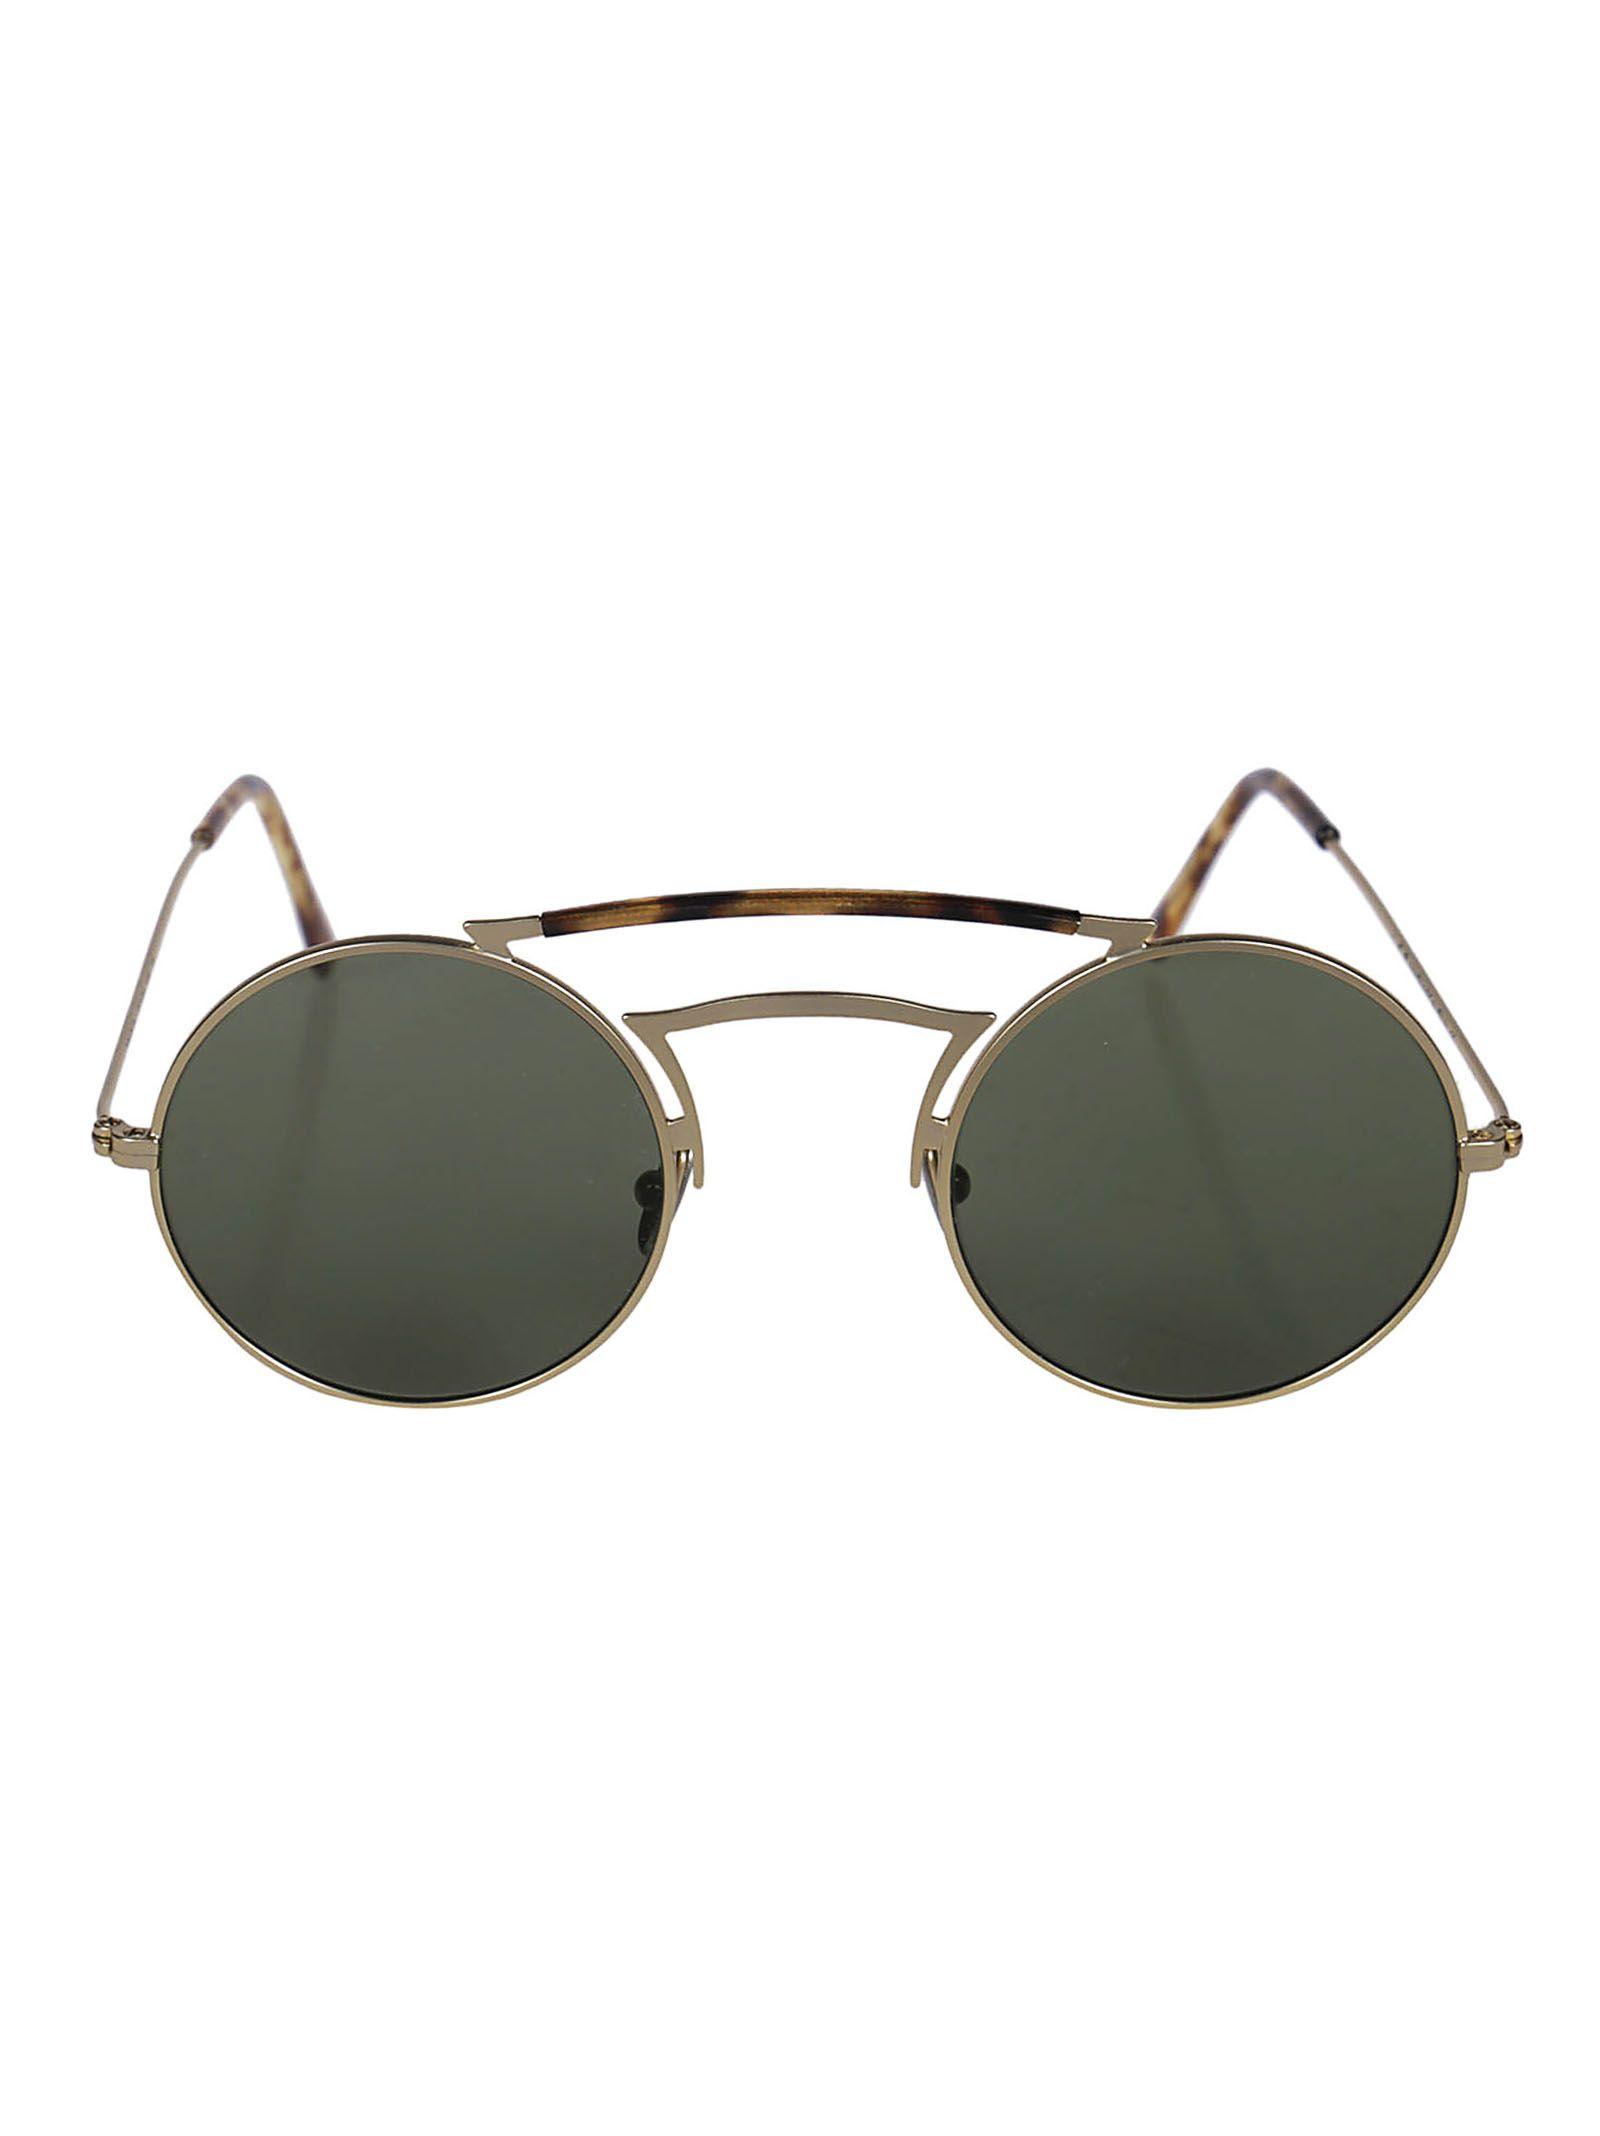 L.G.R Lgr Scarab Sunglasses in Gold Matt